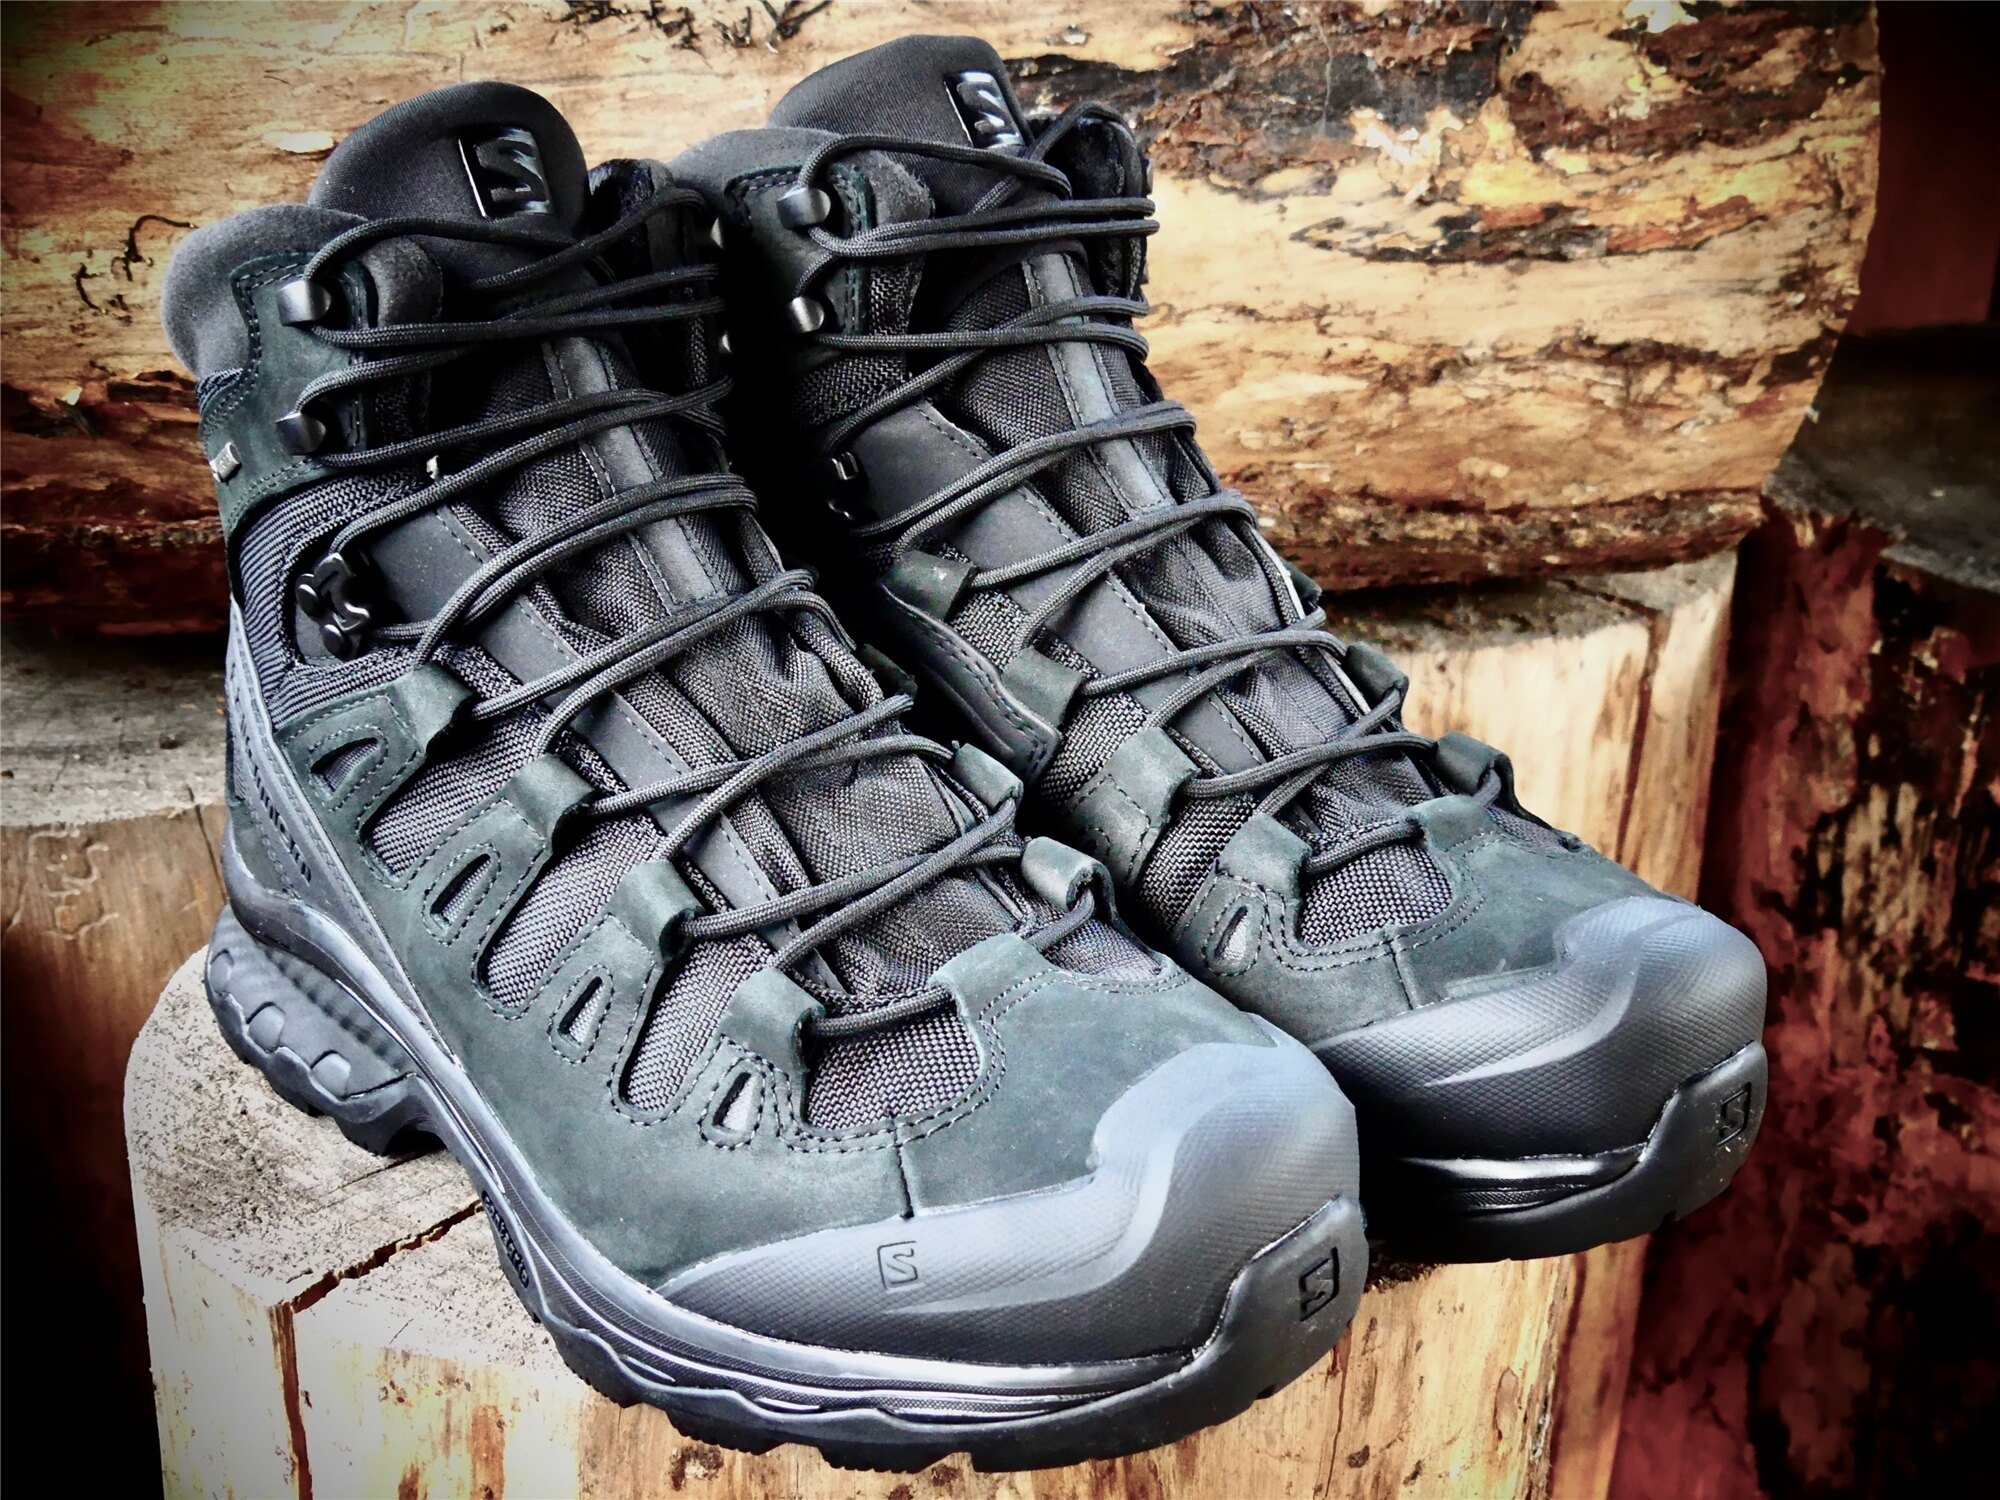 Topánky Quest 4D GTX Forces 2 EN – Čierna (Farba: Čierna, Veľkosť: 5)